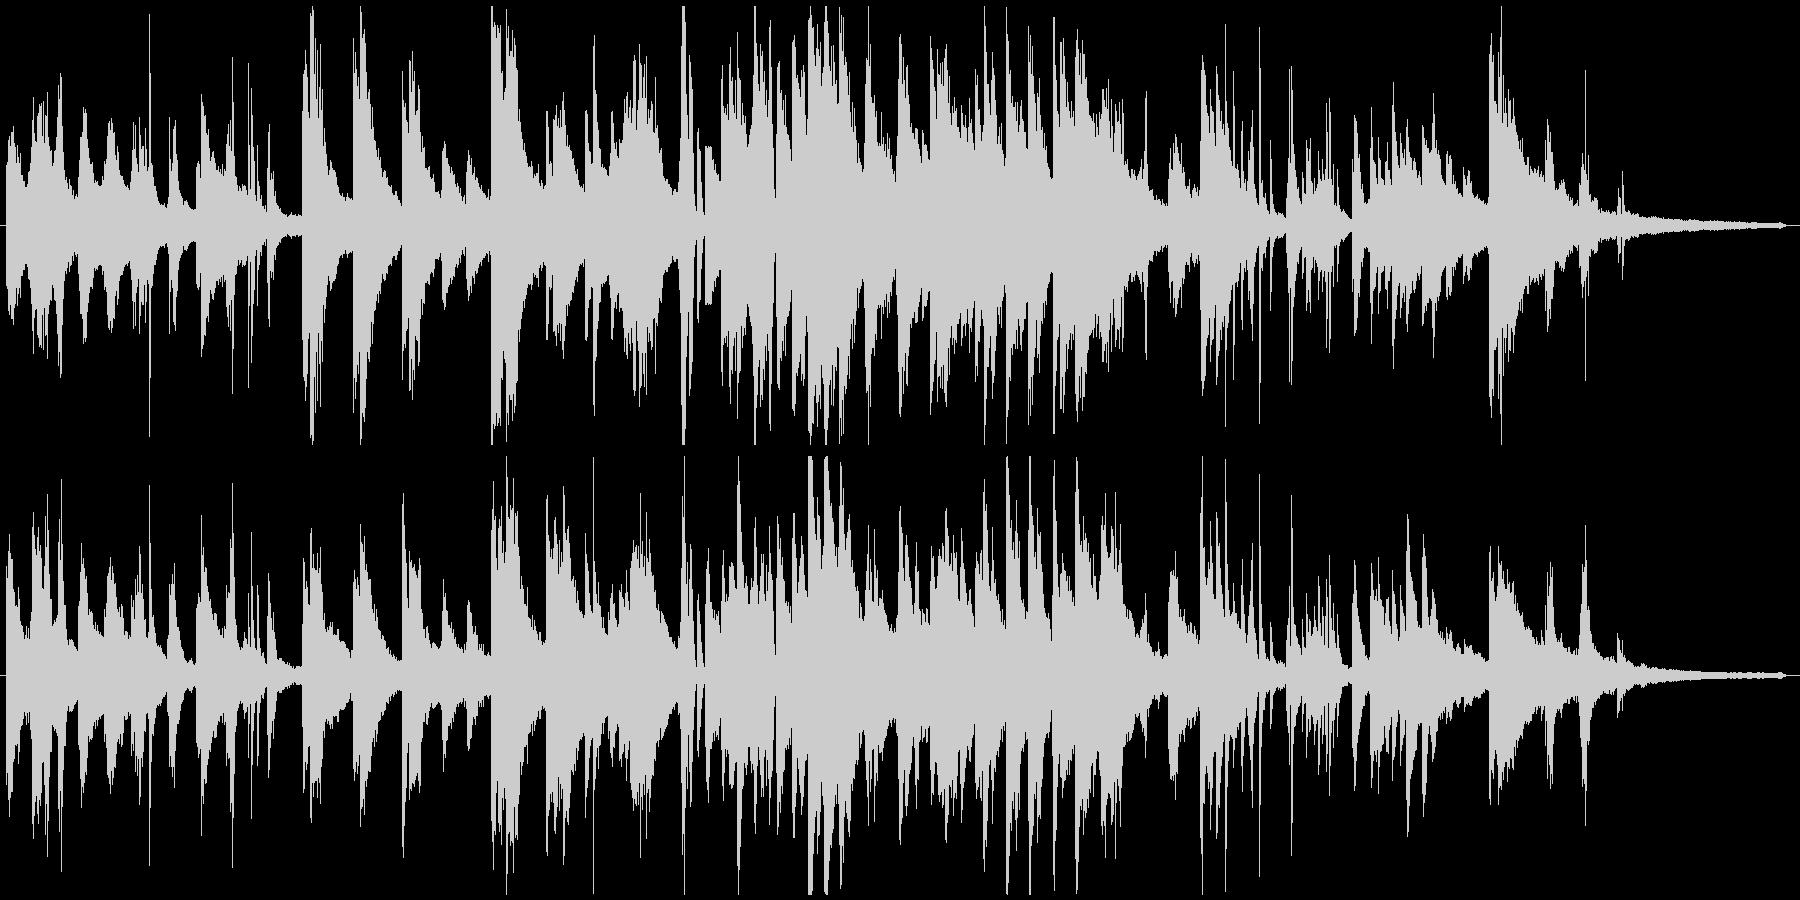 ジャジーでフリーな雰囲気のピアノソロの未再生の波形